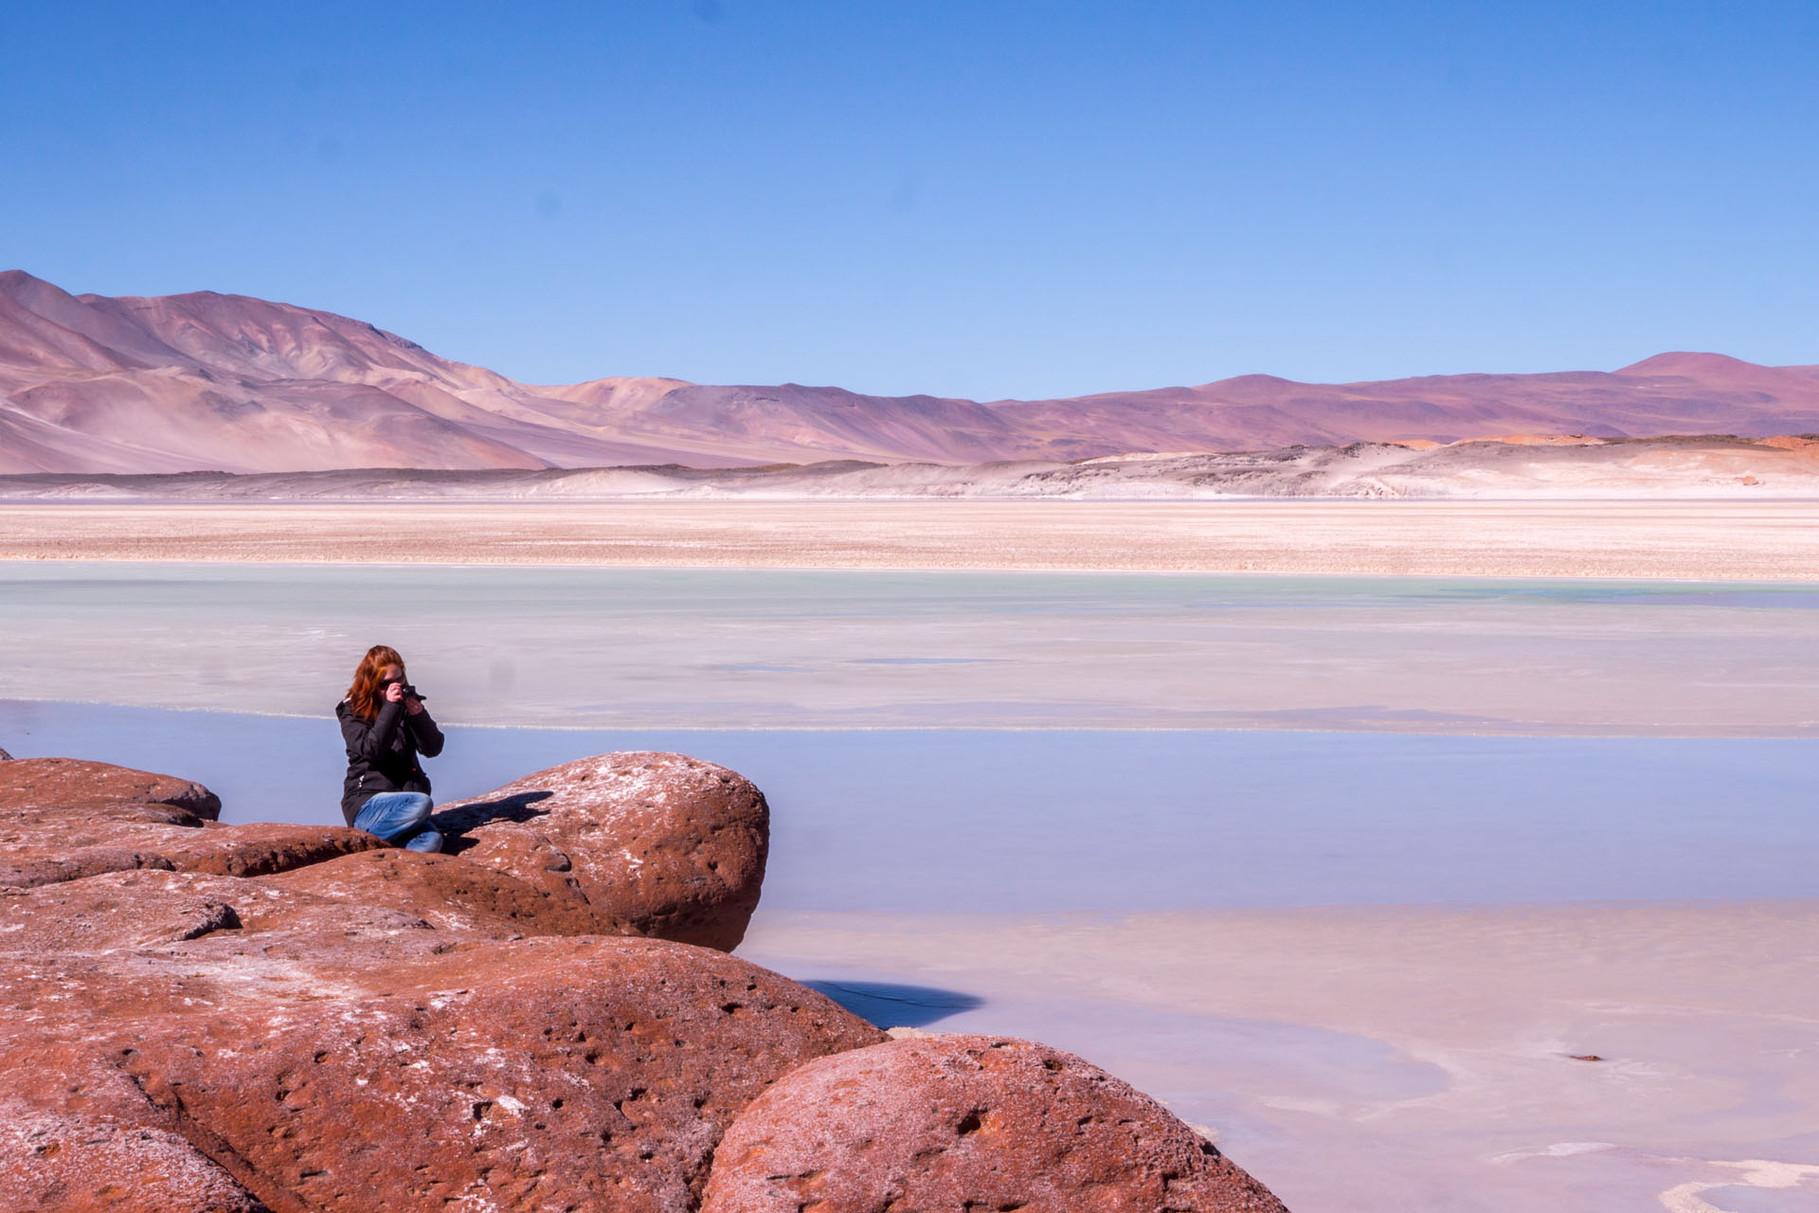 Aguas Calientes y Piedras Rojas de Hierro (Red rocks), near San Pedro de Atacama, Chile